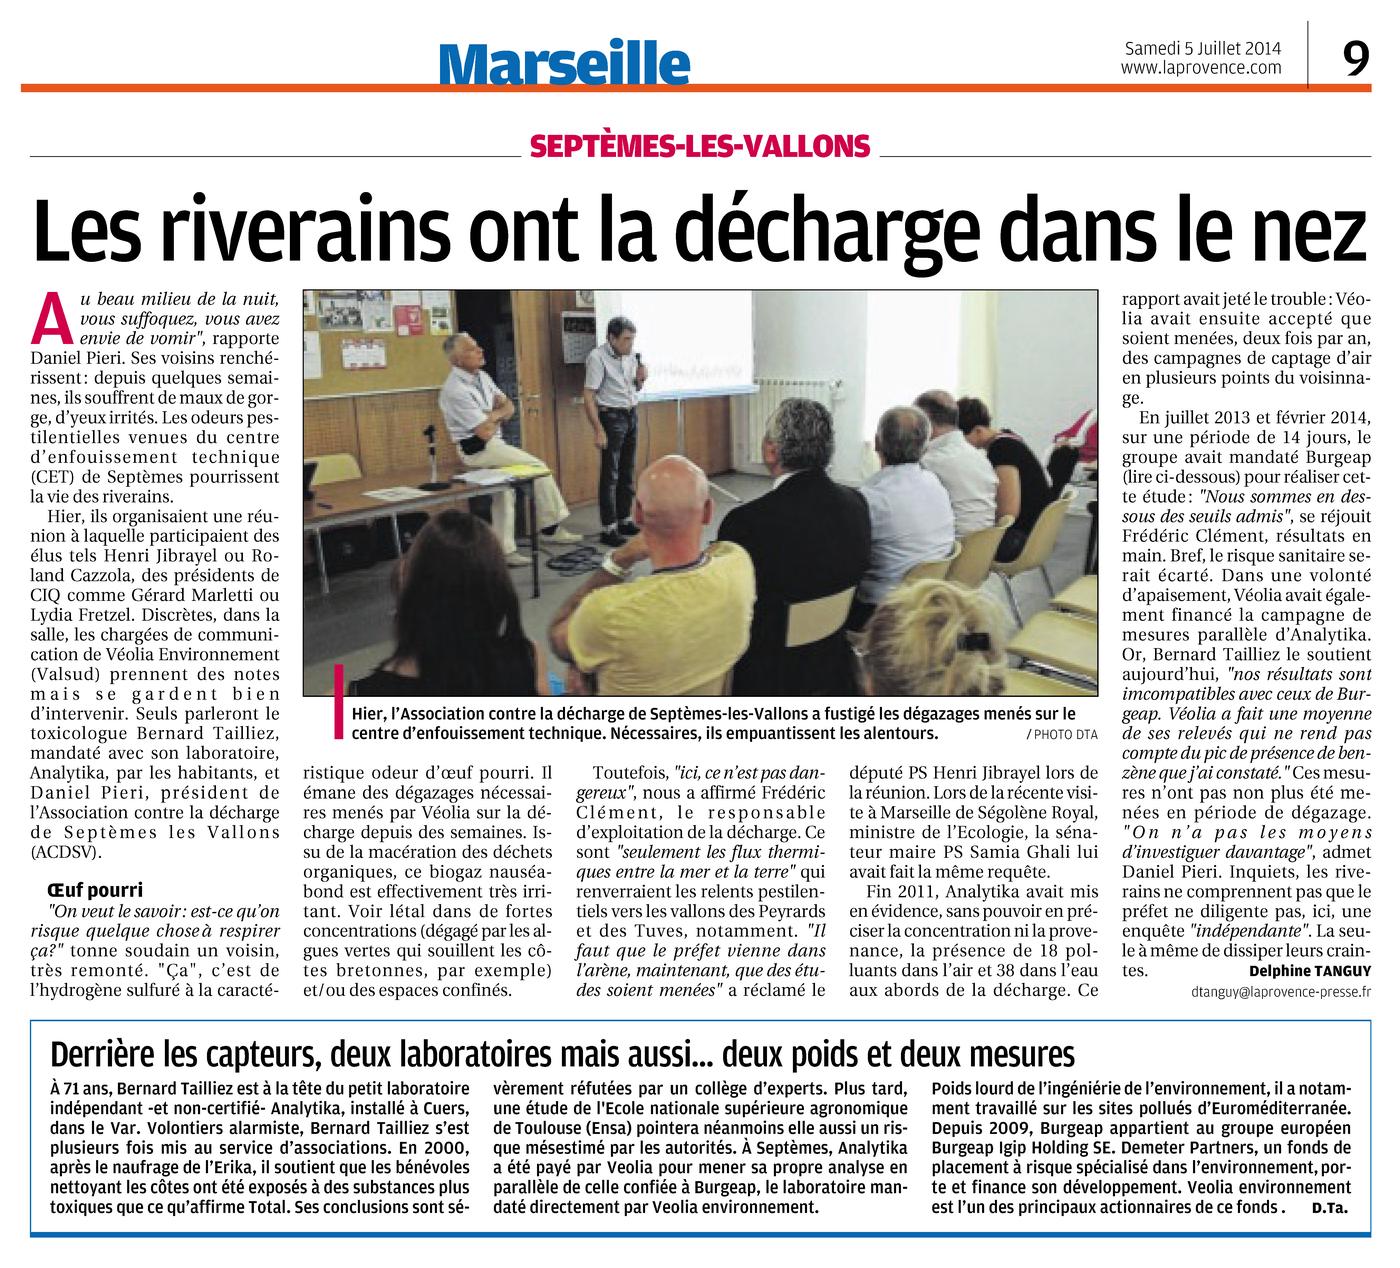 """06.07.2014 > LA PROVENCE : """"Les riverains ont la décharge dans le nez"""""""